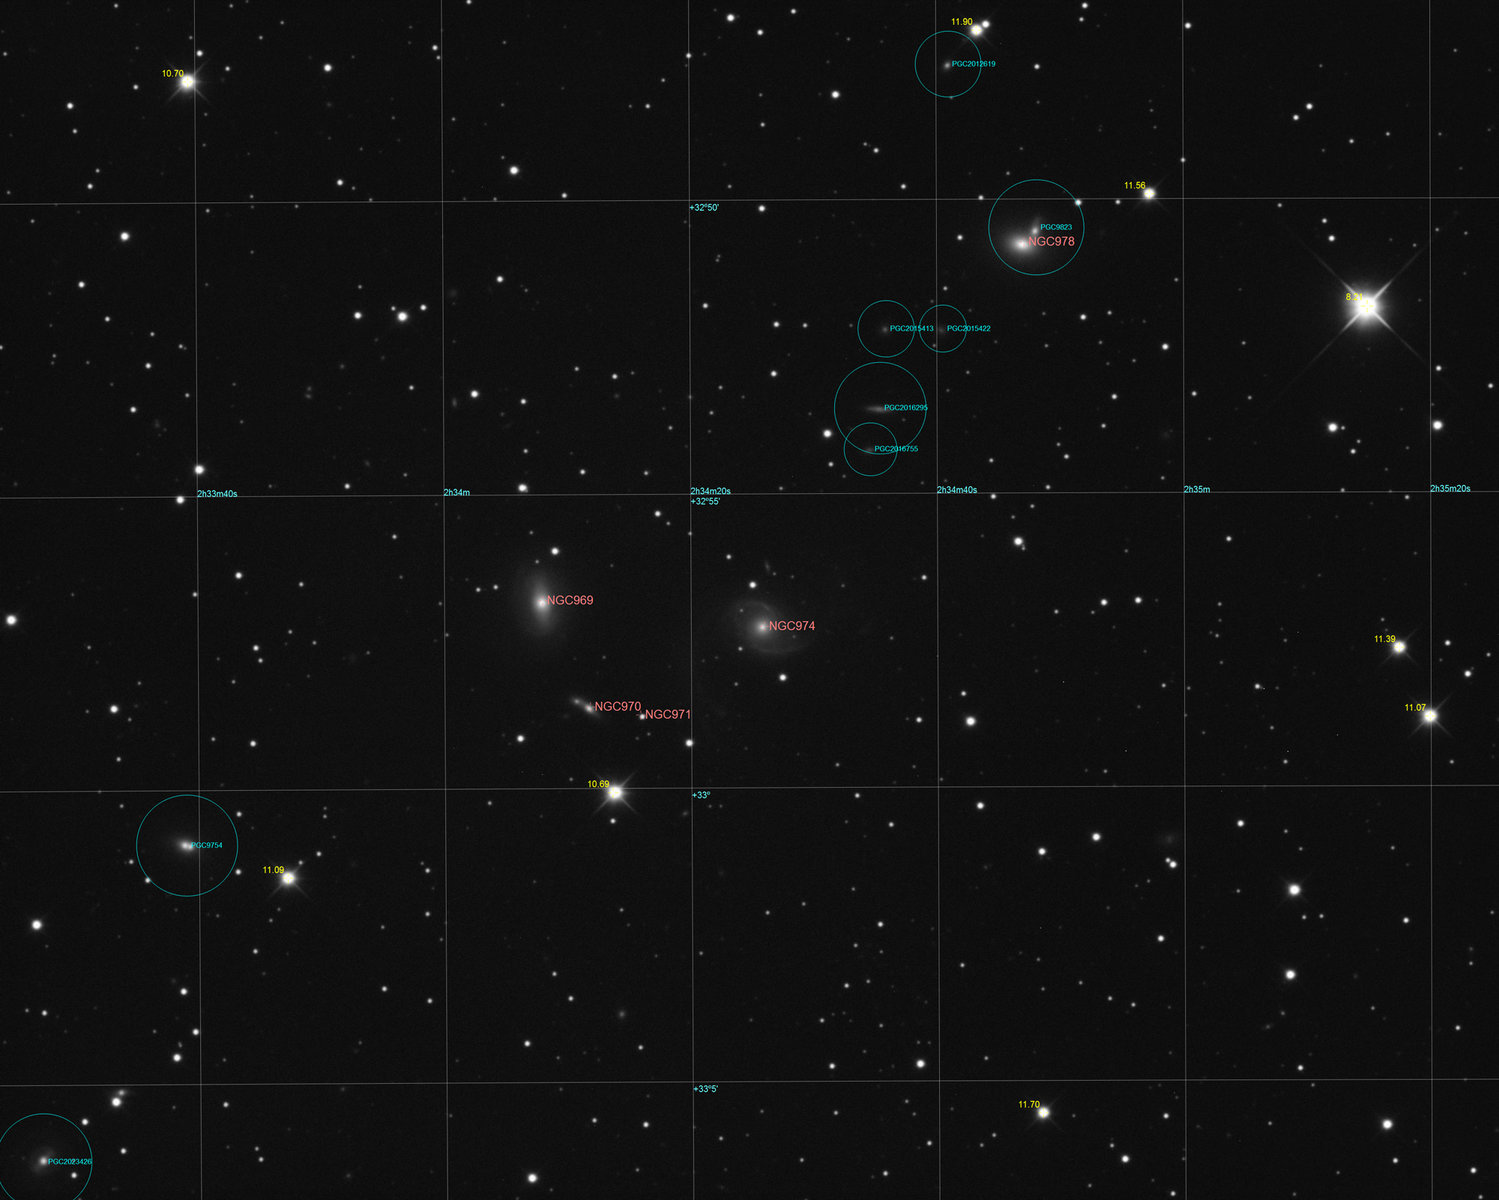 5a5cc5e97ba4b_NGC974jopis2000pix.thumb.jpg.73096f285bb9a72ed2a5d07a5f27b4e8.jpg